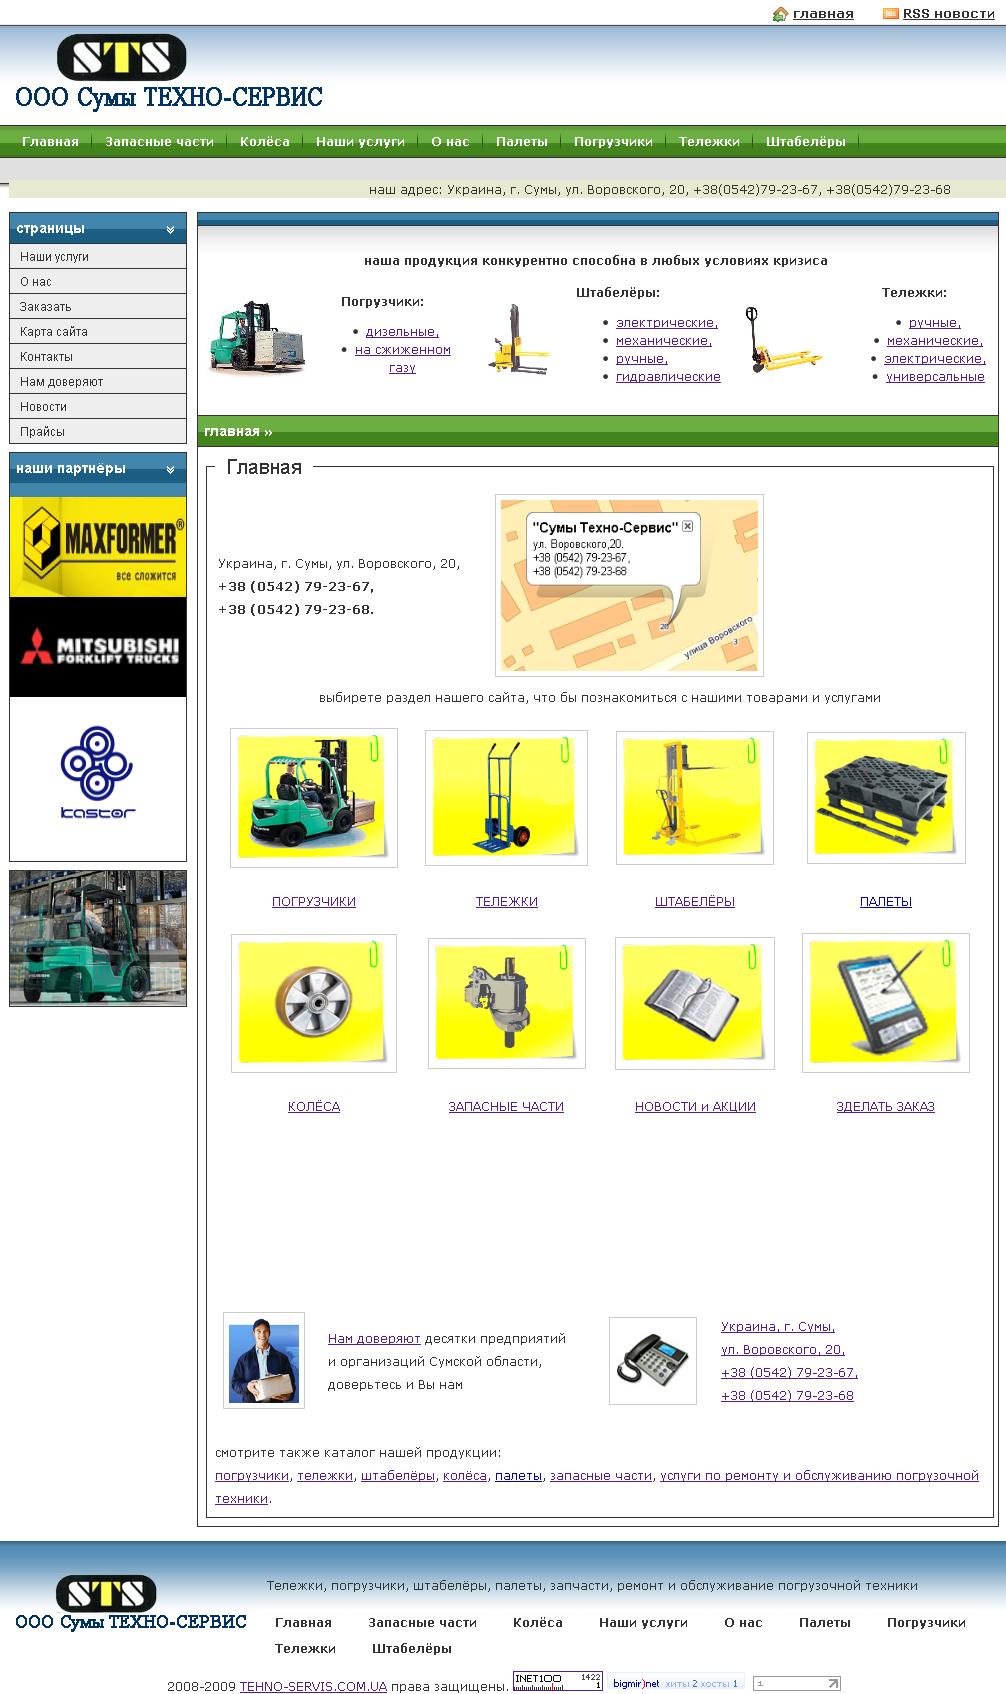 201 Сайт компании, занимающейся поставками погрузочной техники